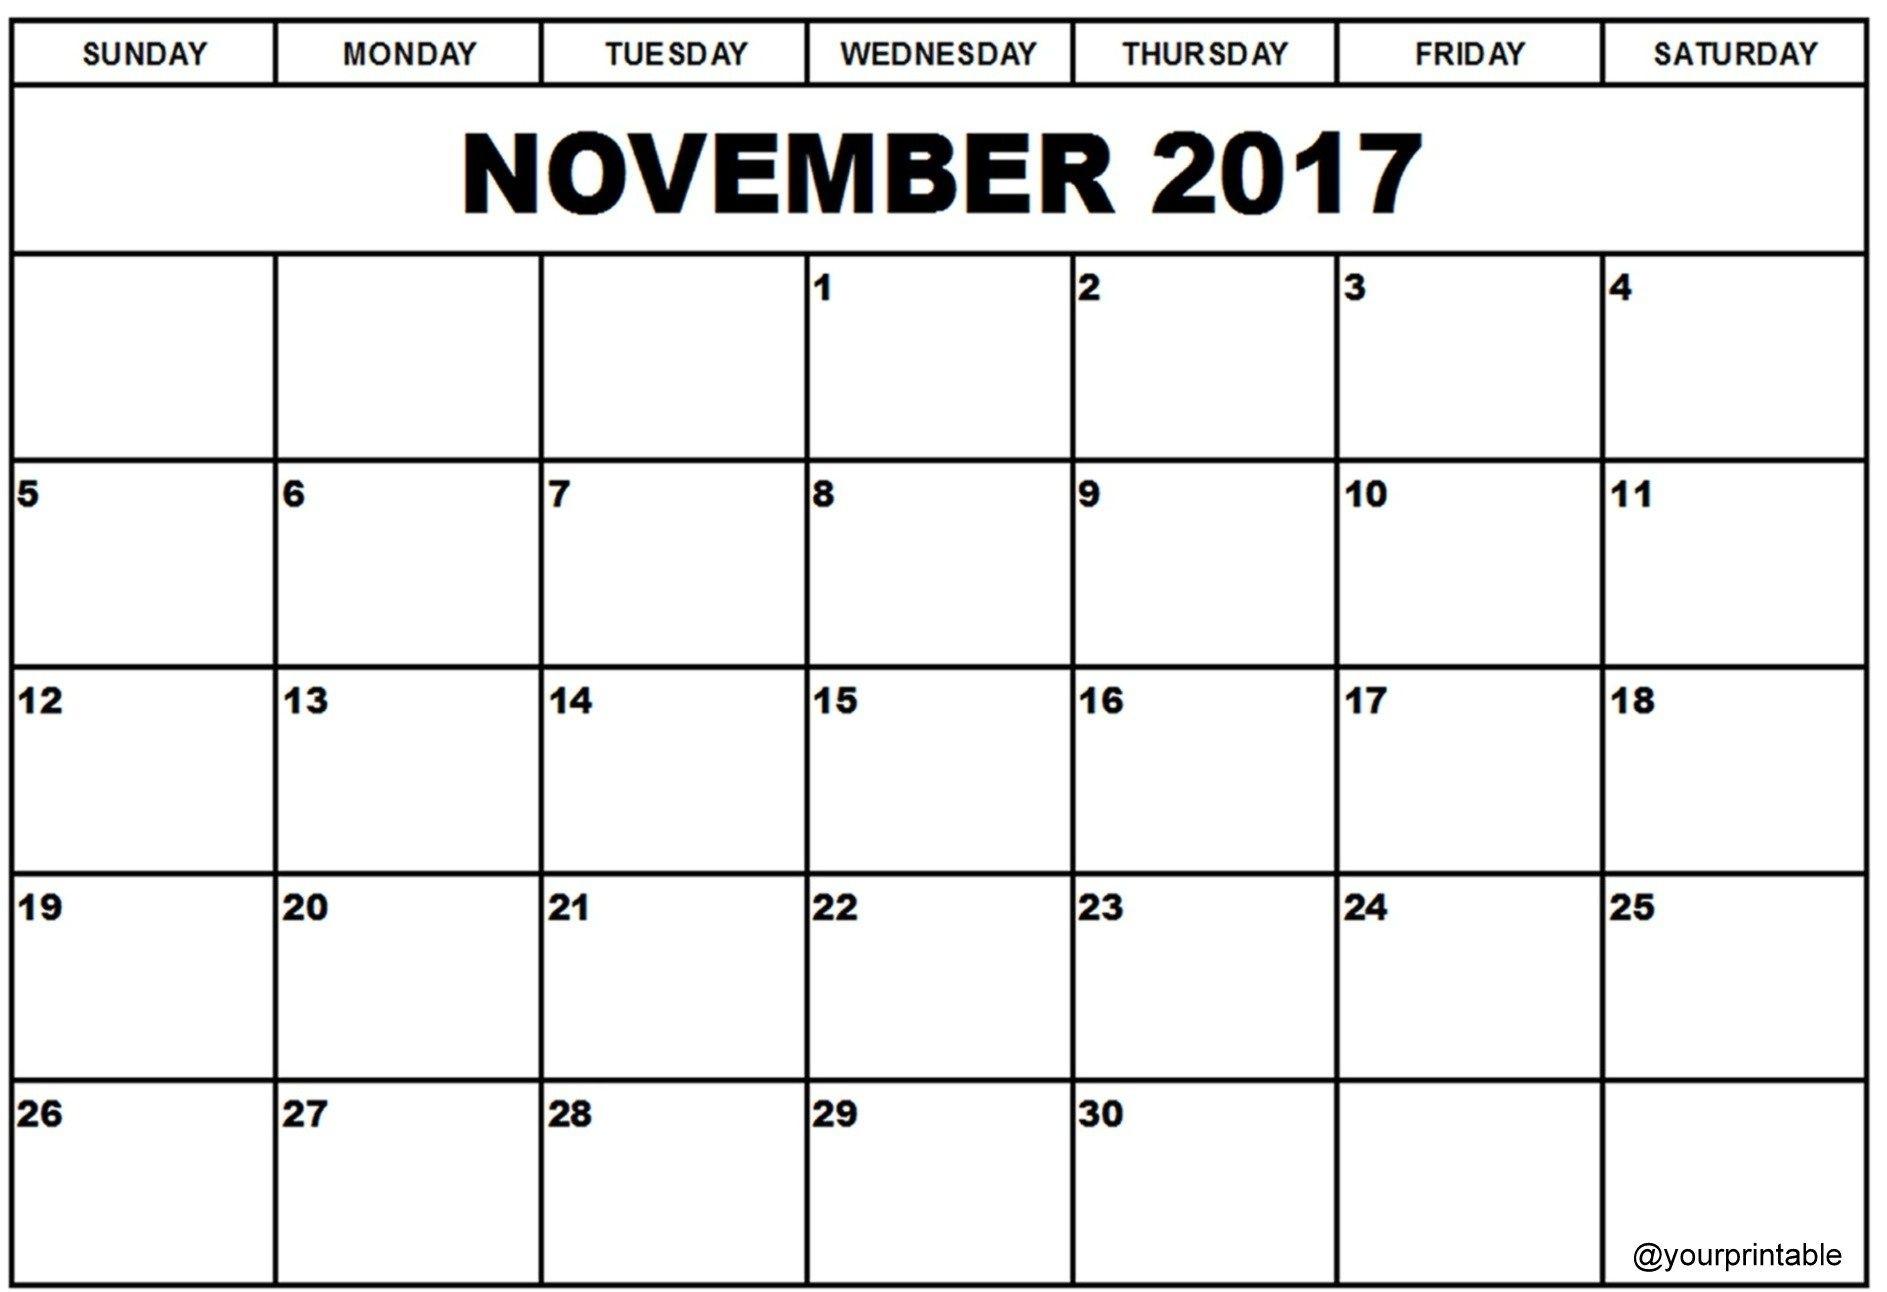 November 2017 Calendar | Calendar 2017, Calendar, November intended for Nov Dec 2017 Calendar Printable